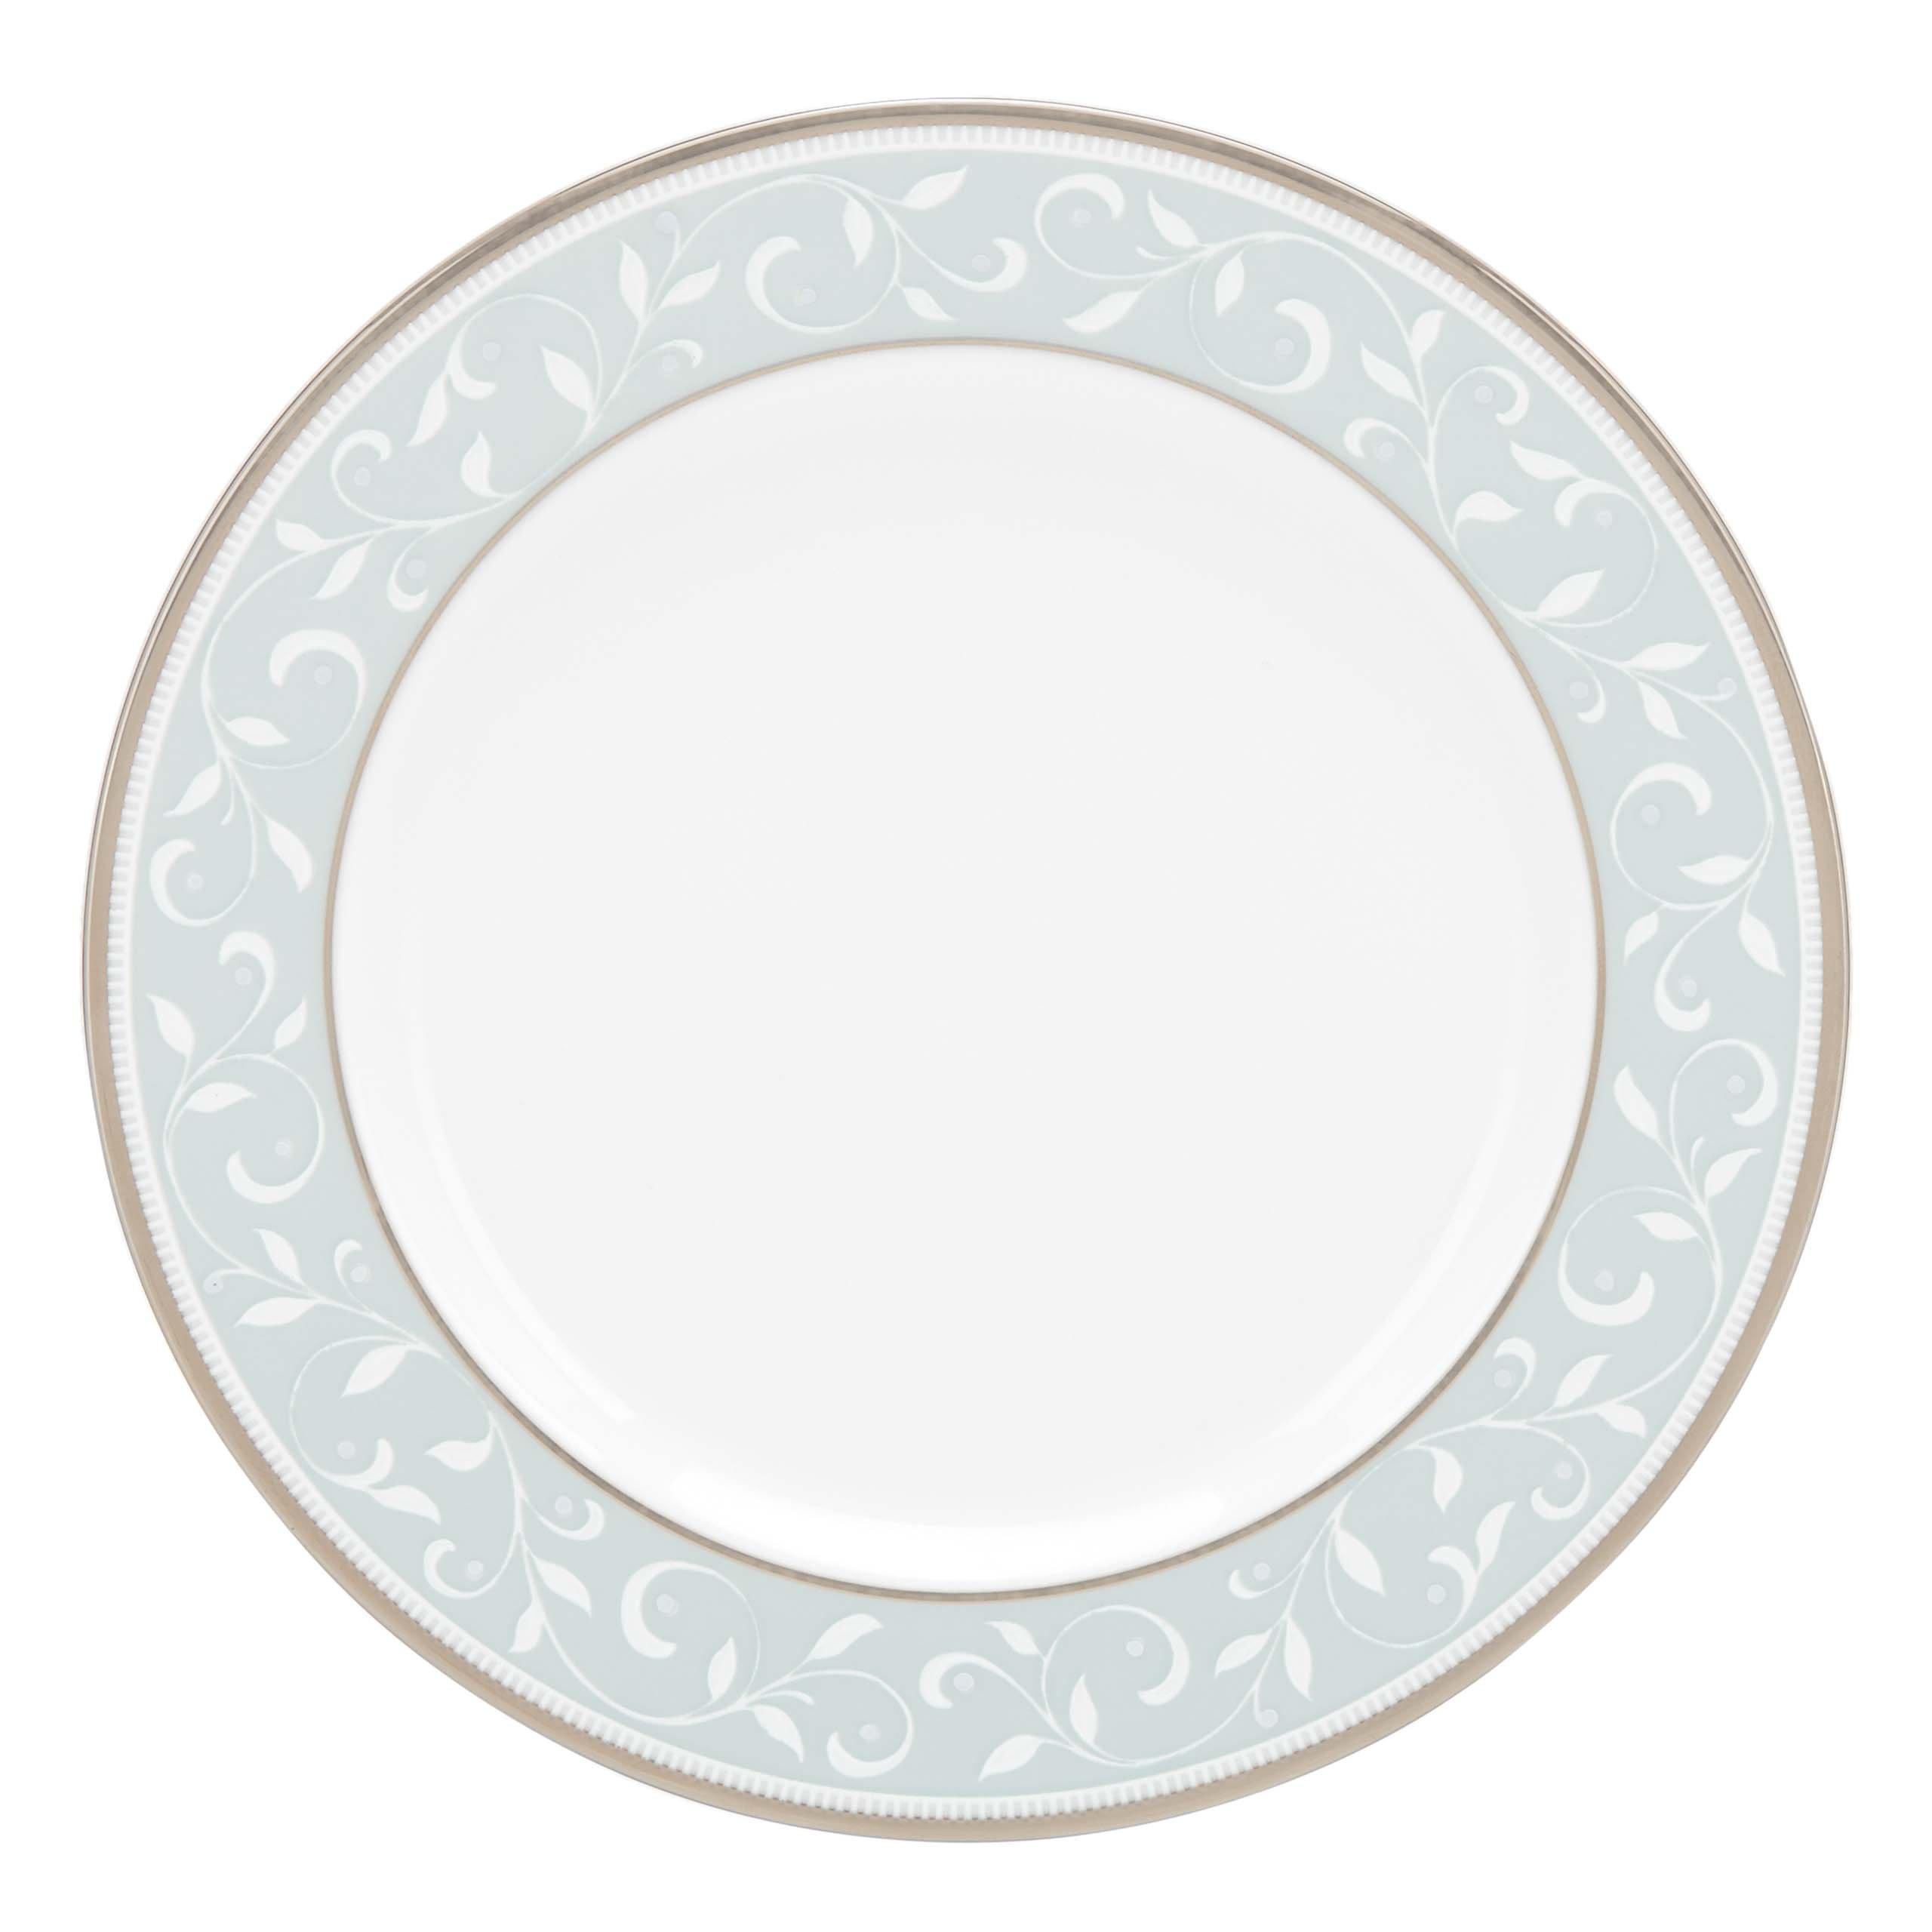 Lenox Opal Innocence Blue Butter Plate, White